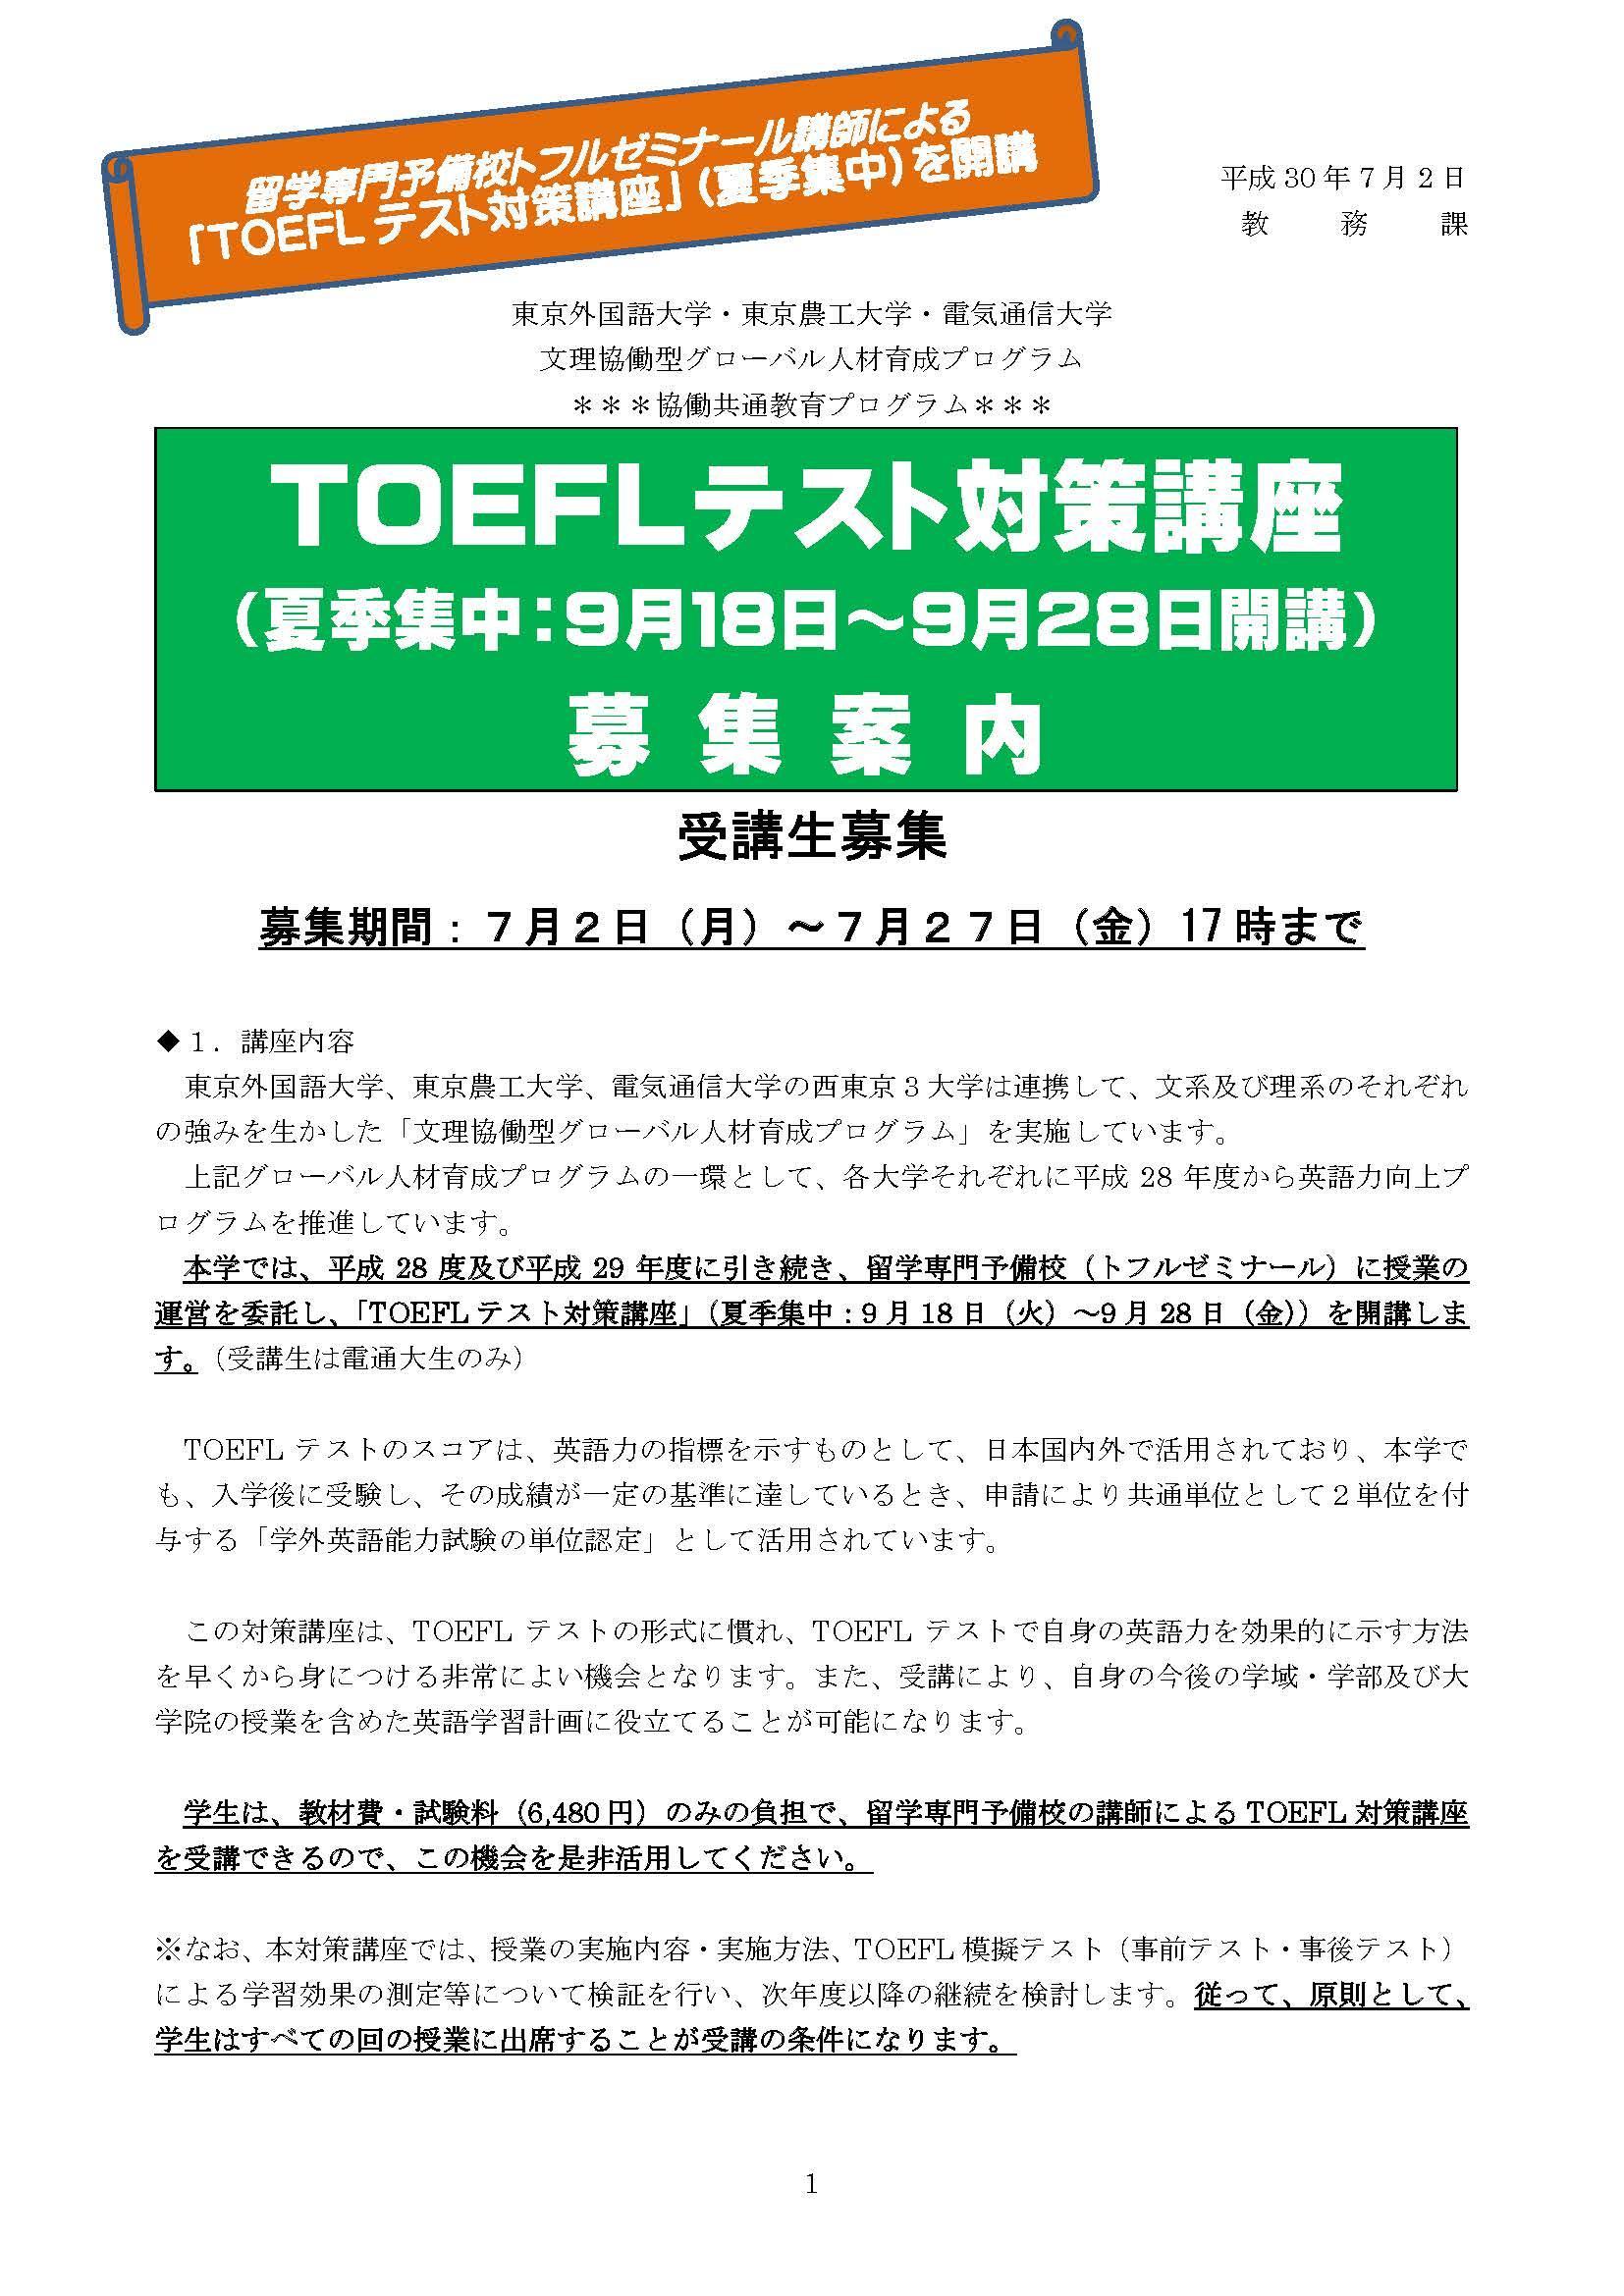 30TOEFL-seminar_01.jpg